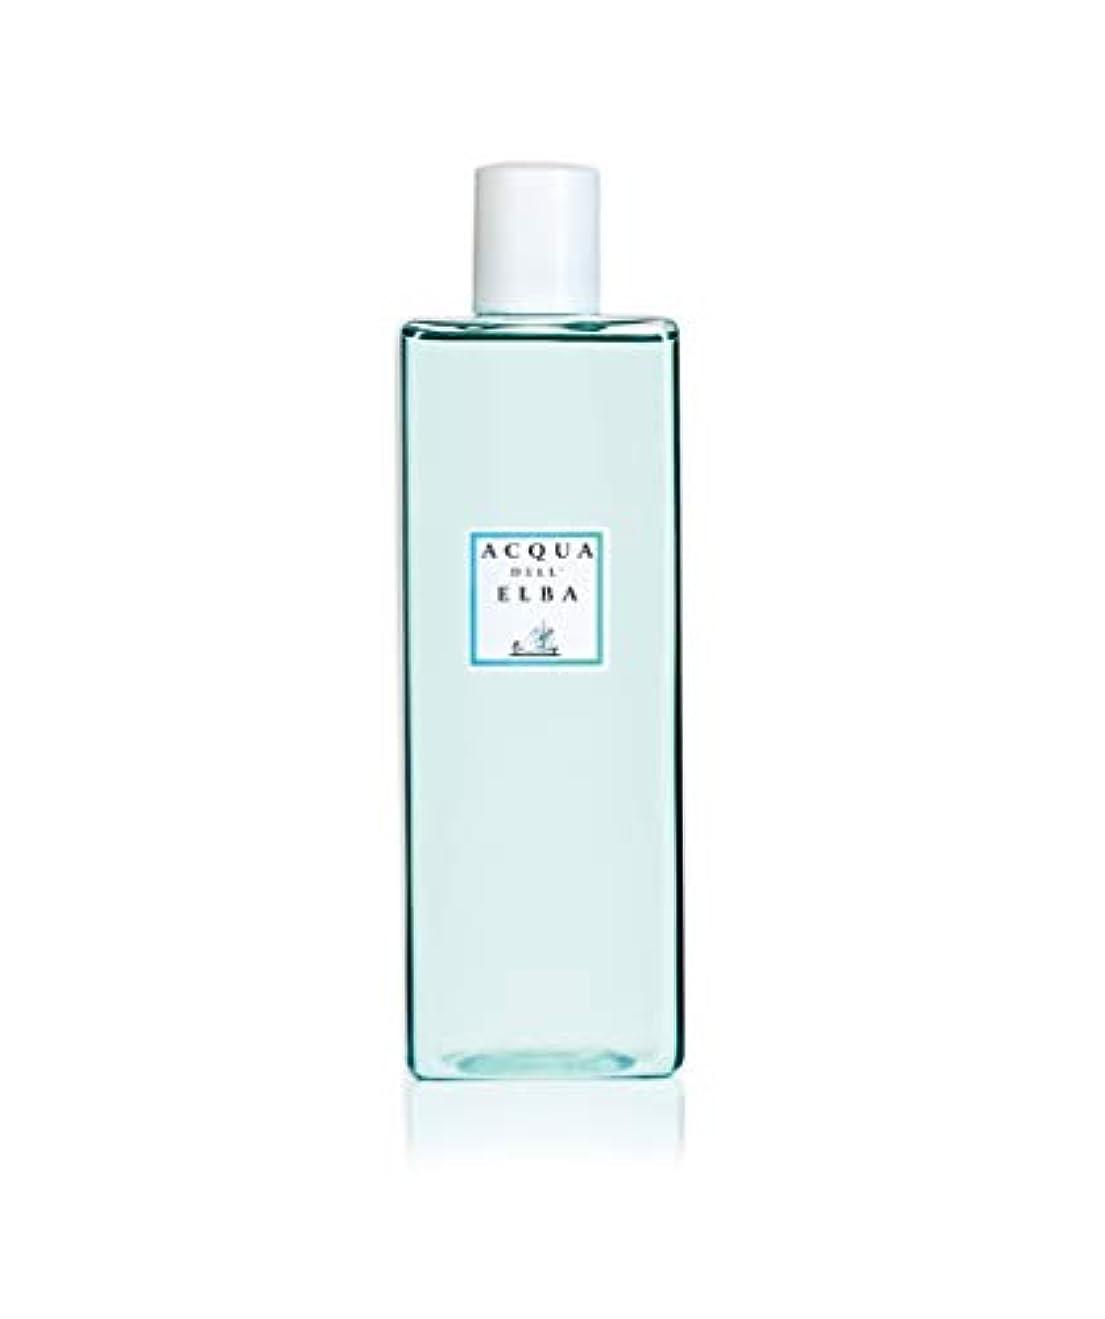 取り壊す切断する笑いアクア?デッレ?エルバ Home Fragrance Diffuser Refill - Isola D'Elba 500ml/17oz並行輸入品